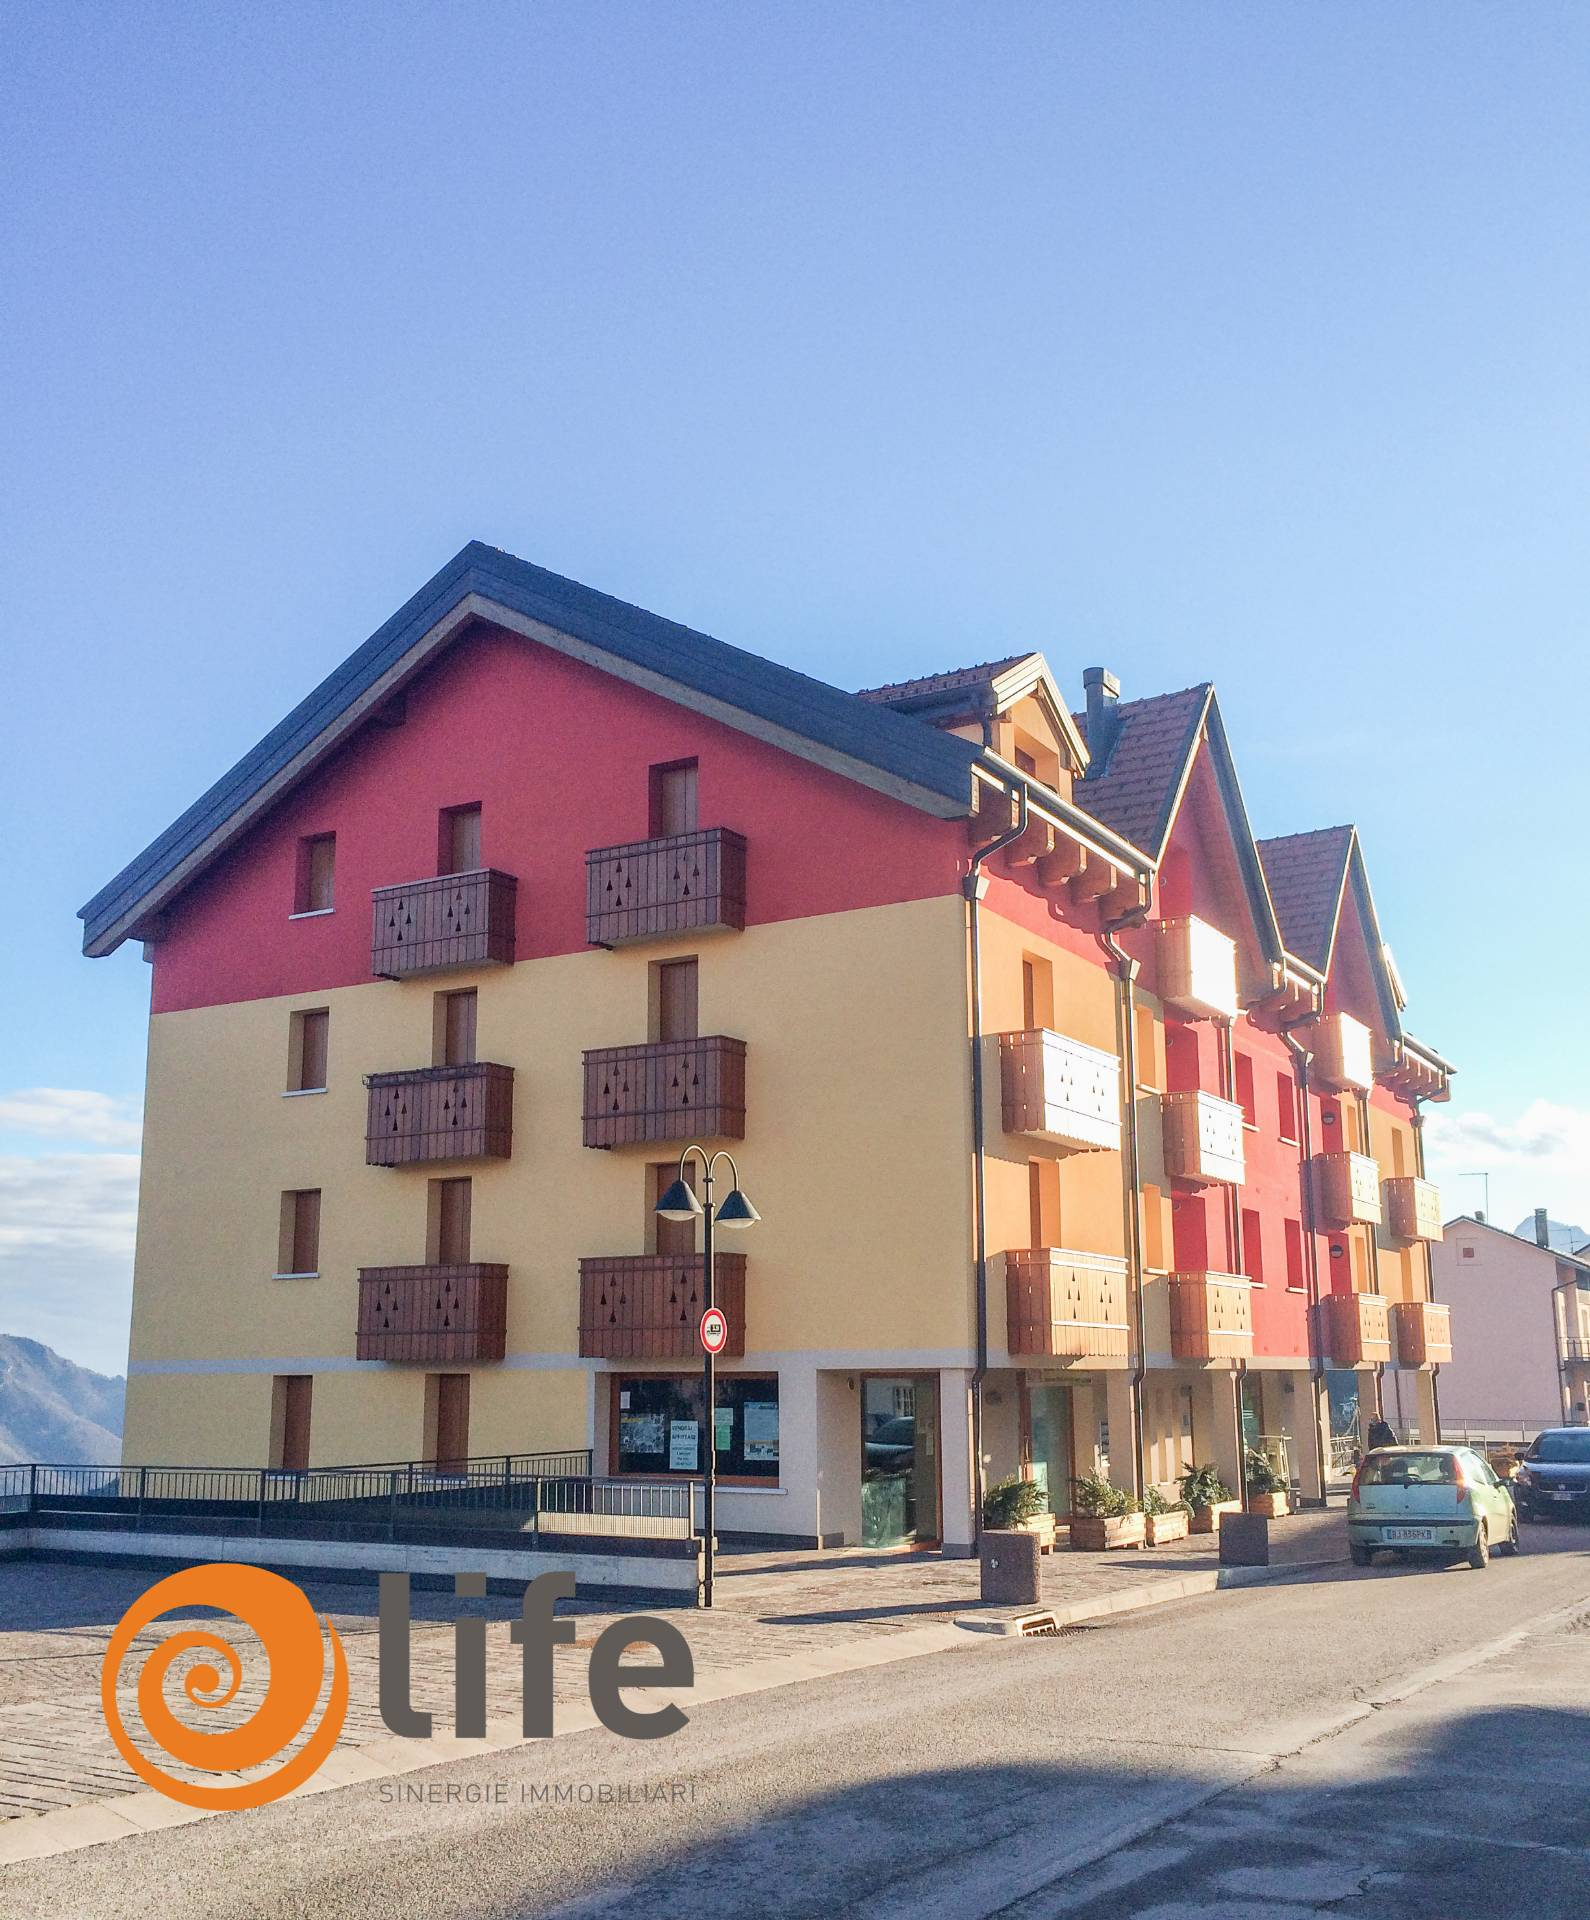 Appartamento in vendita a Tonezza del Cimone, 3 locali, prezzo € 137.000 | CambioCasa.it